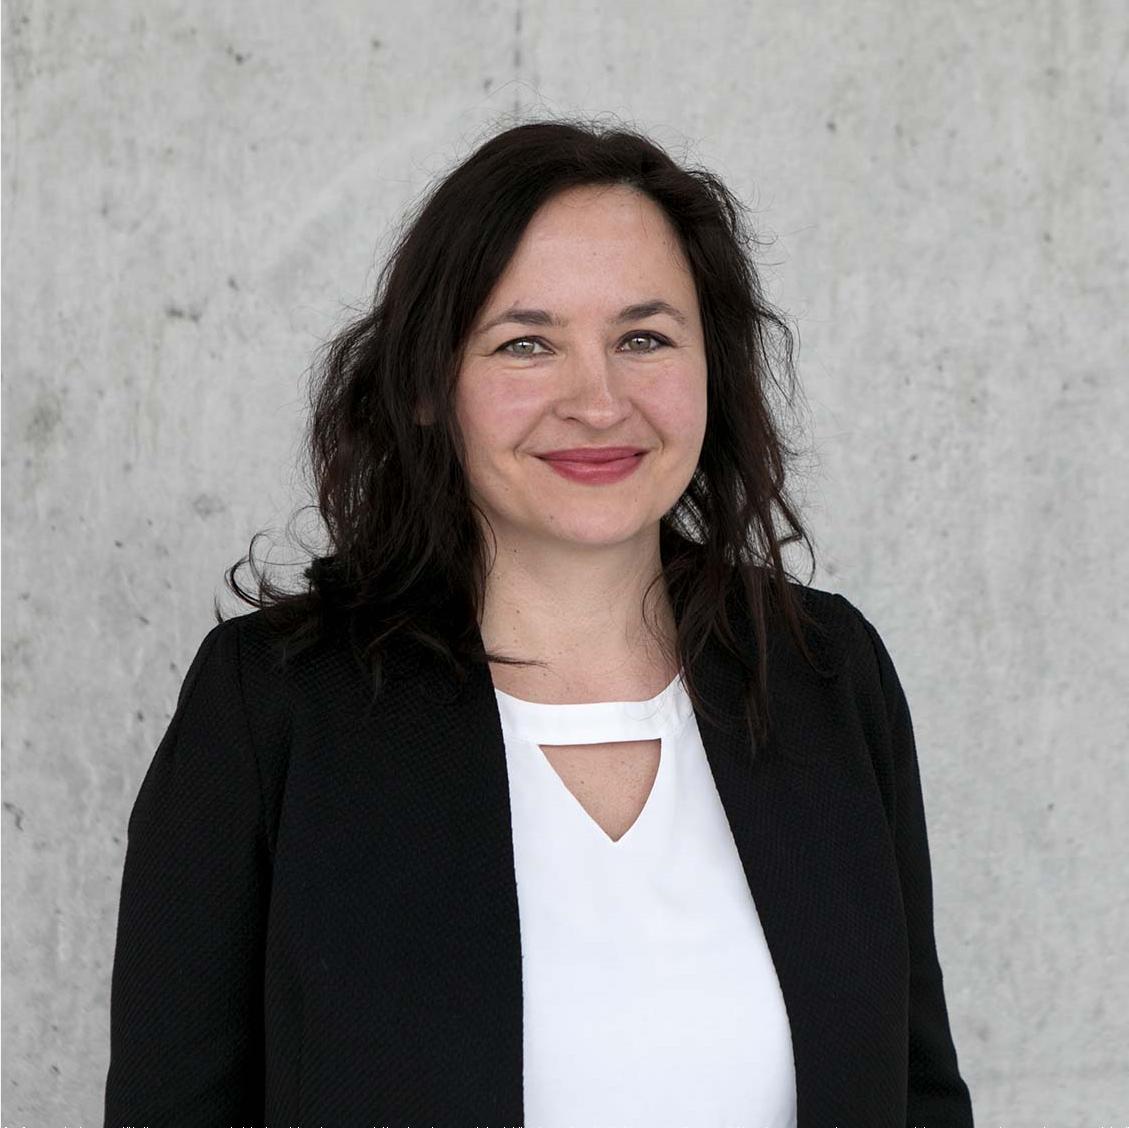 Dr. Pia Furchheim